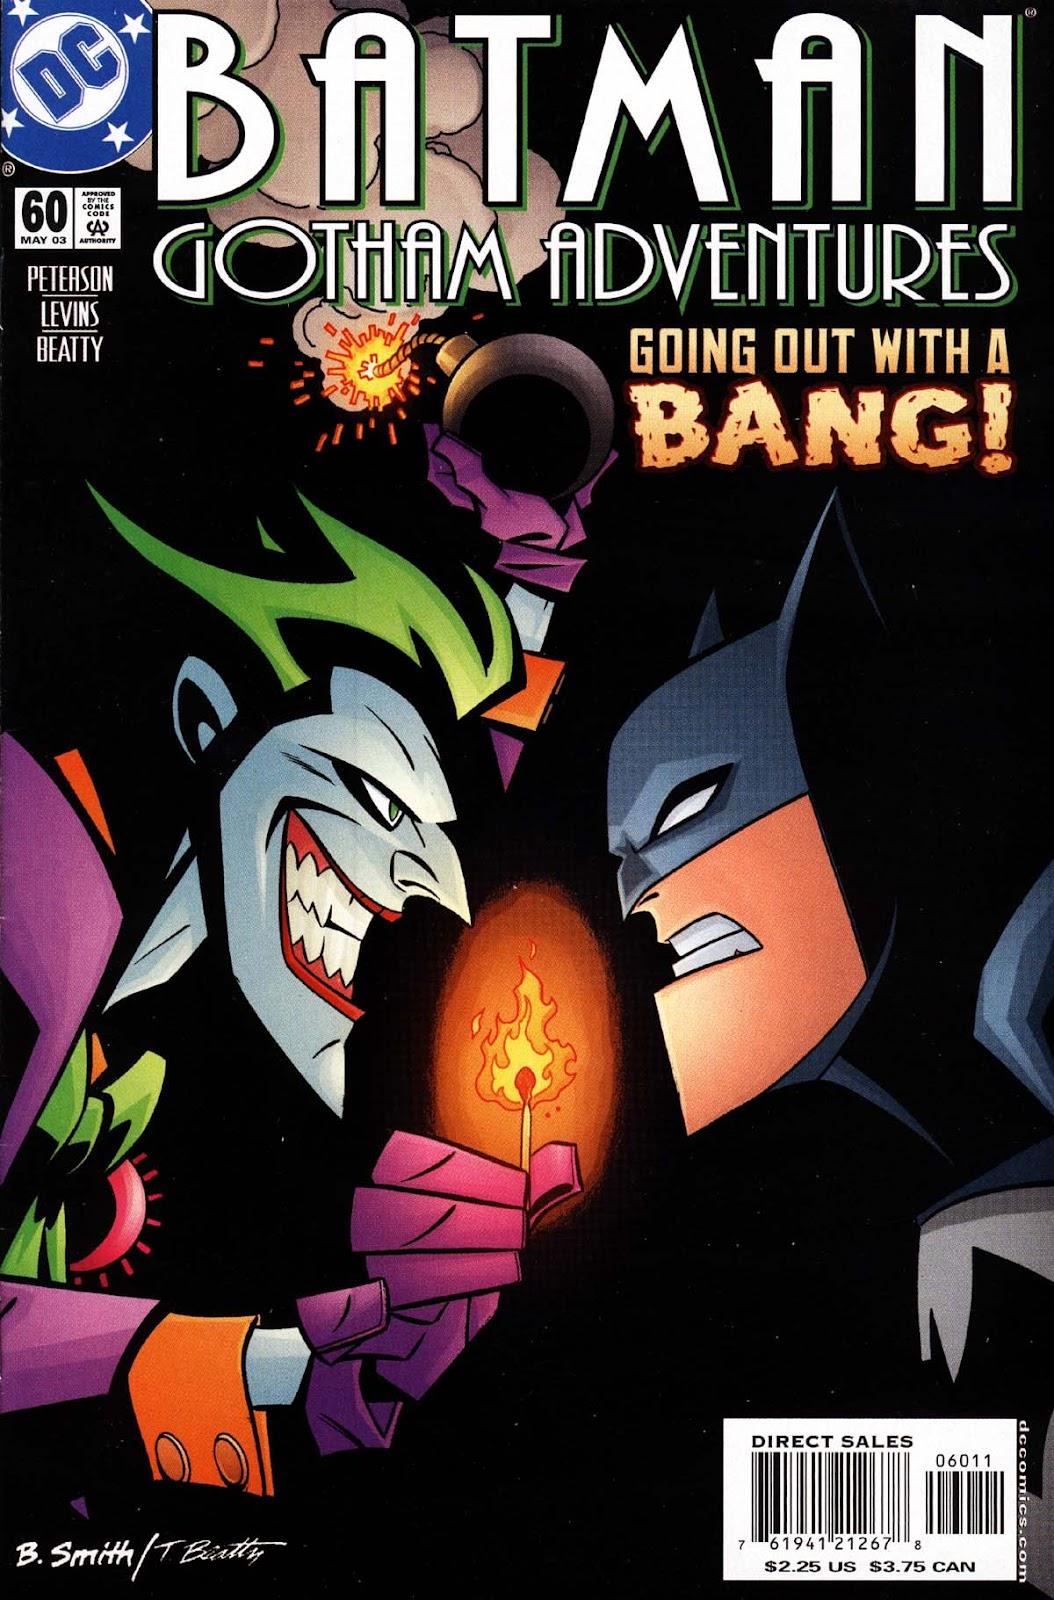 Batman: Gotham Adventures issue 60 - Page 1